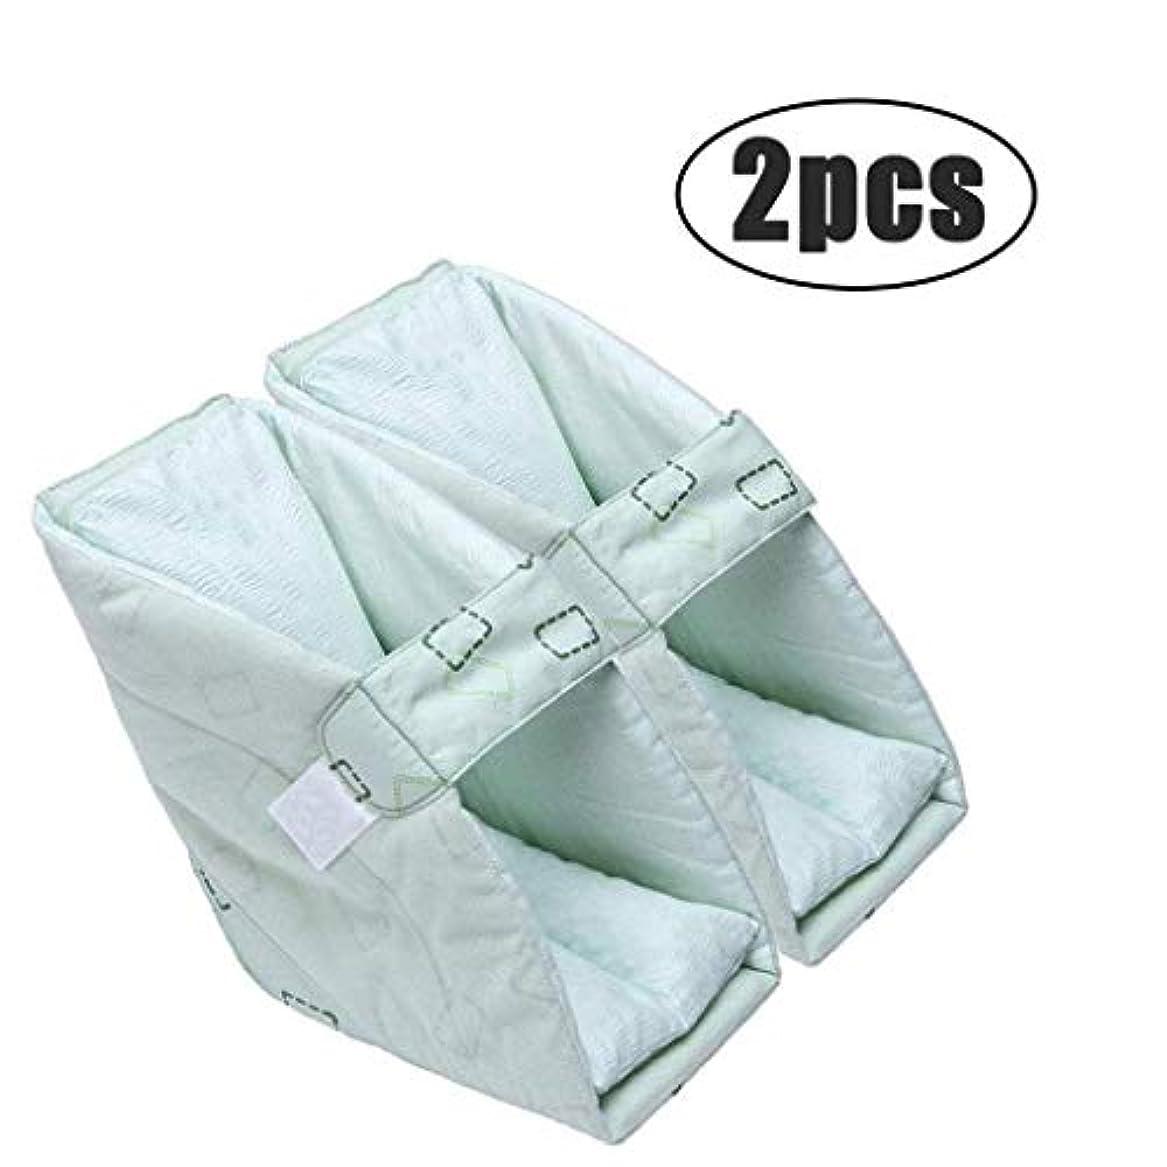 回復王位フォーマットTONGSH 足の枕、かかとのプロテクター、かかとのクッション、かかとの保護、効果的なPressure瘡およびかかとの潰瘍の救済、腫れた足に最適、快適なかかとの保護の足の枕 (Size : 2pcs)